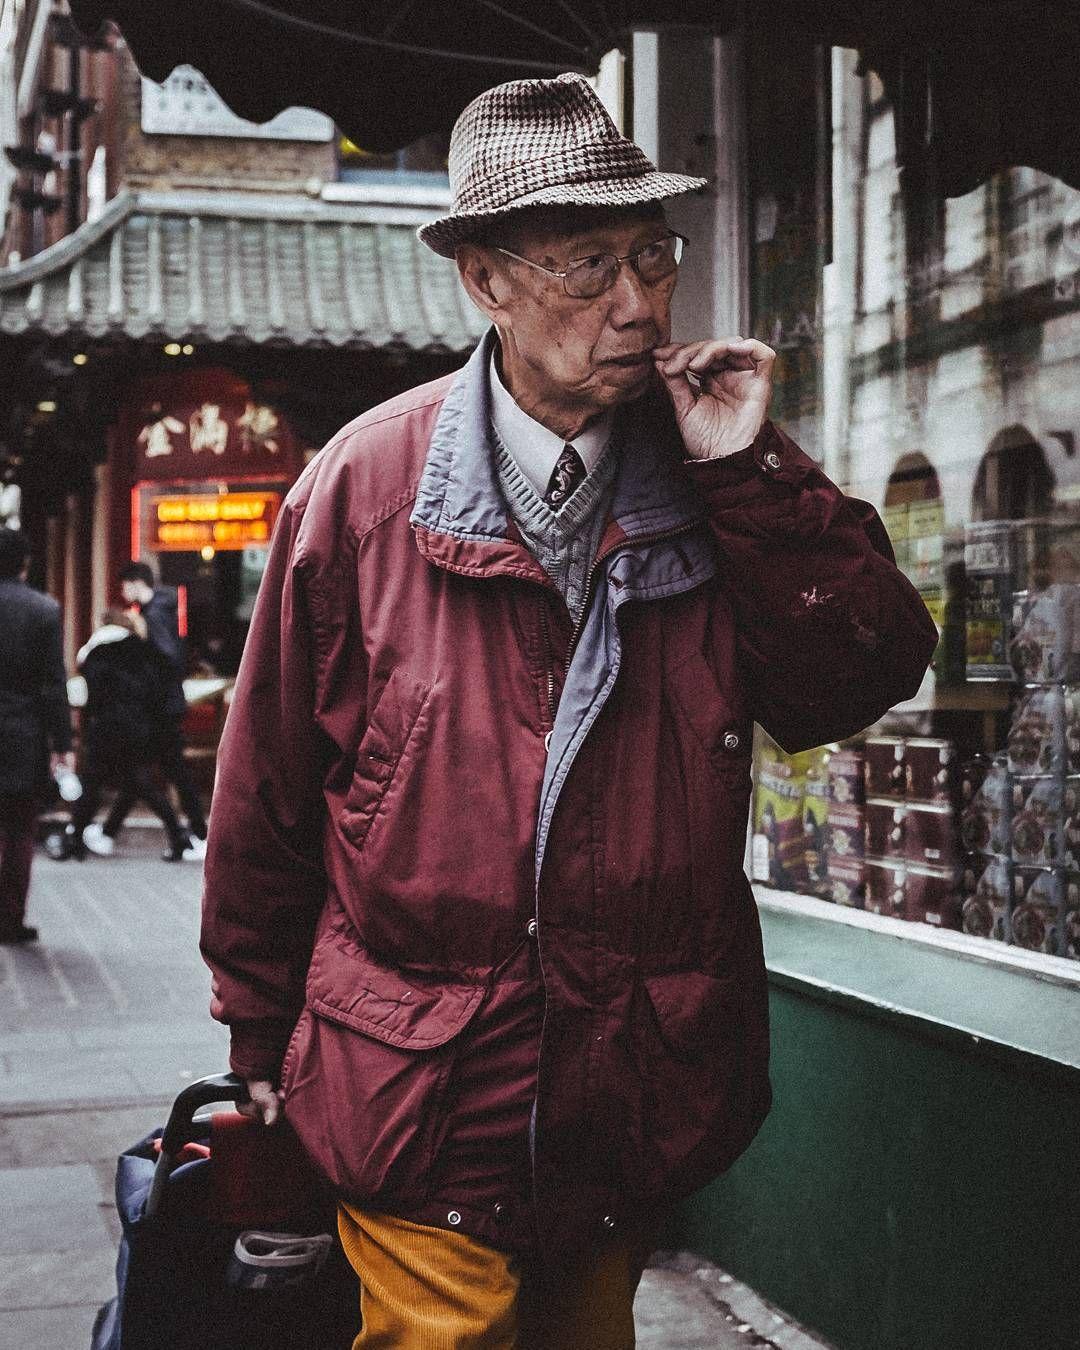 уличная фотография жанр что сейчас